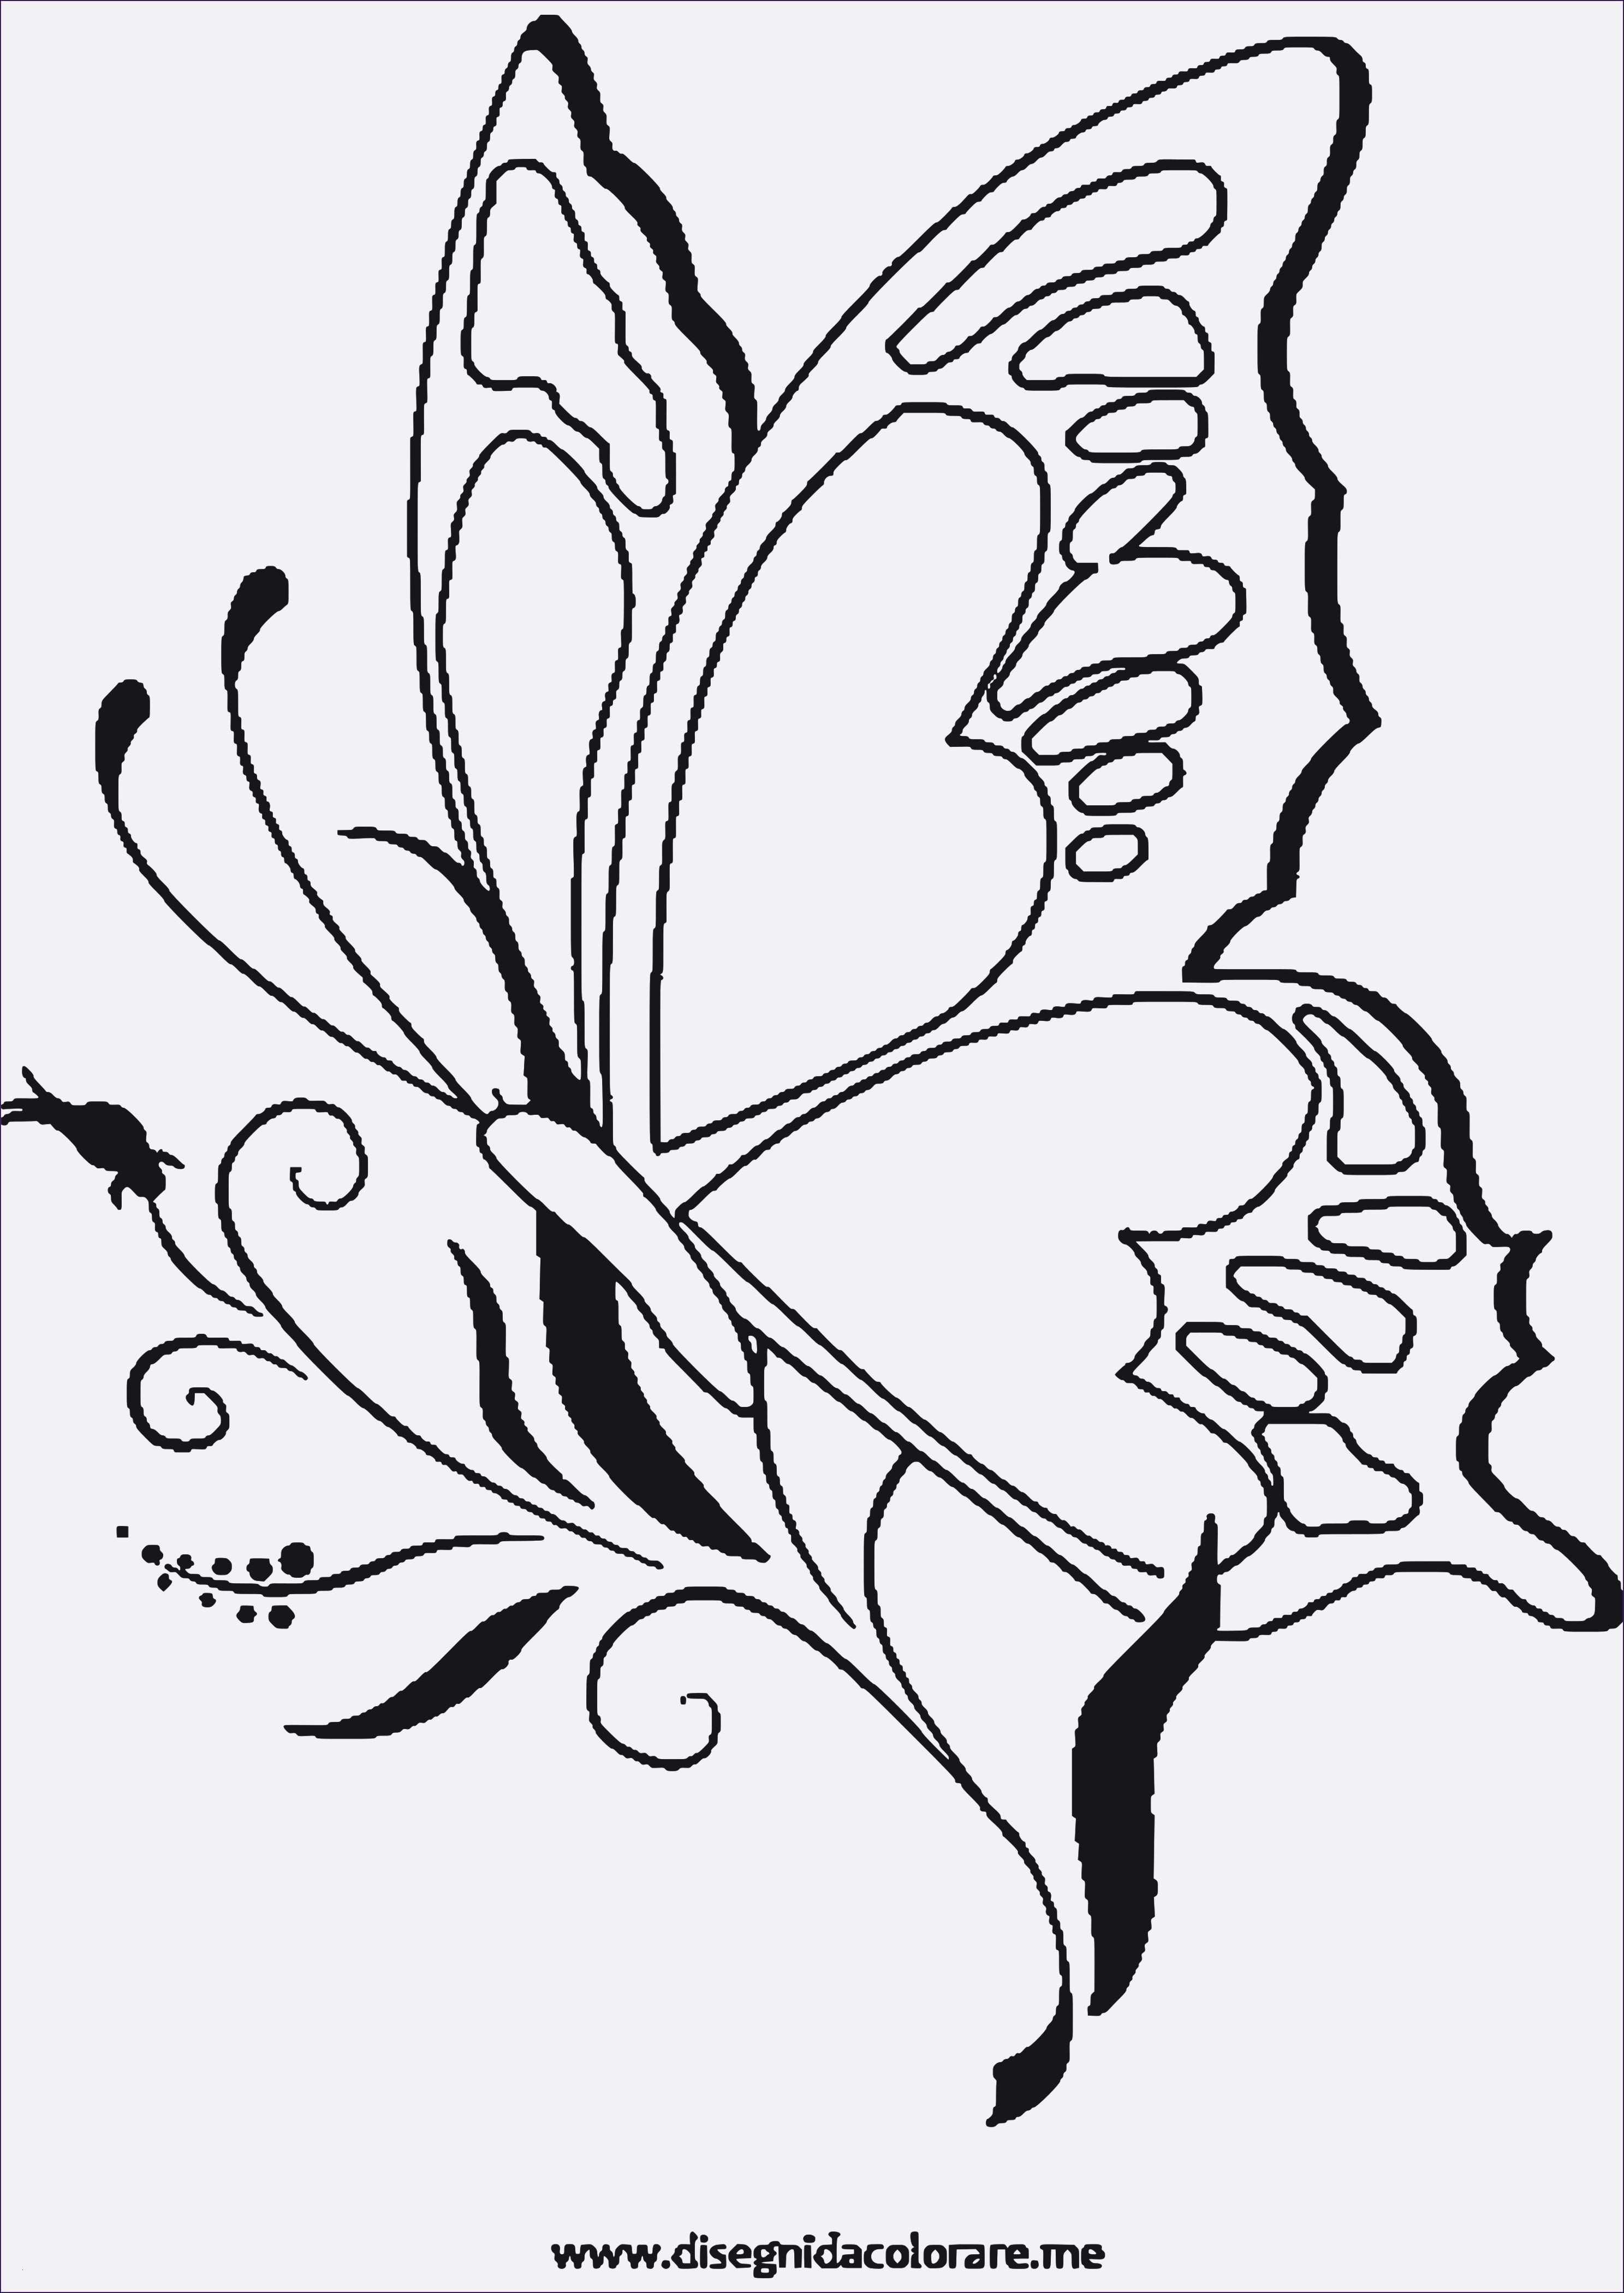 Mandalas Zum Ausmalen Schmetterling Einzigartig Einhorn Mandalas Zum Ausdrucken Foto Malvorlagen Schmetterlinge Das Bild